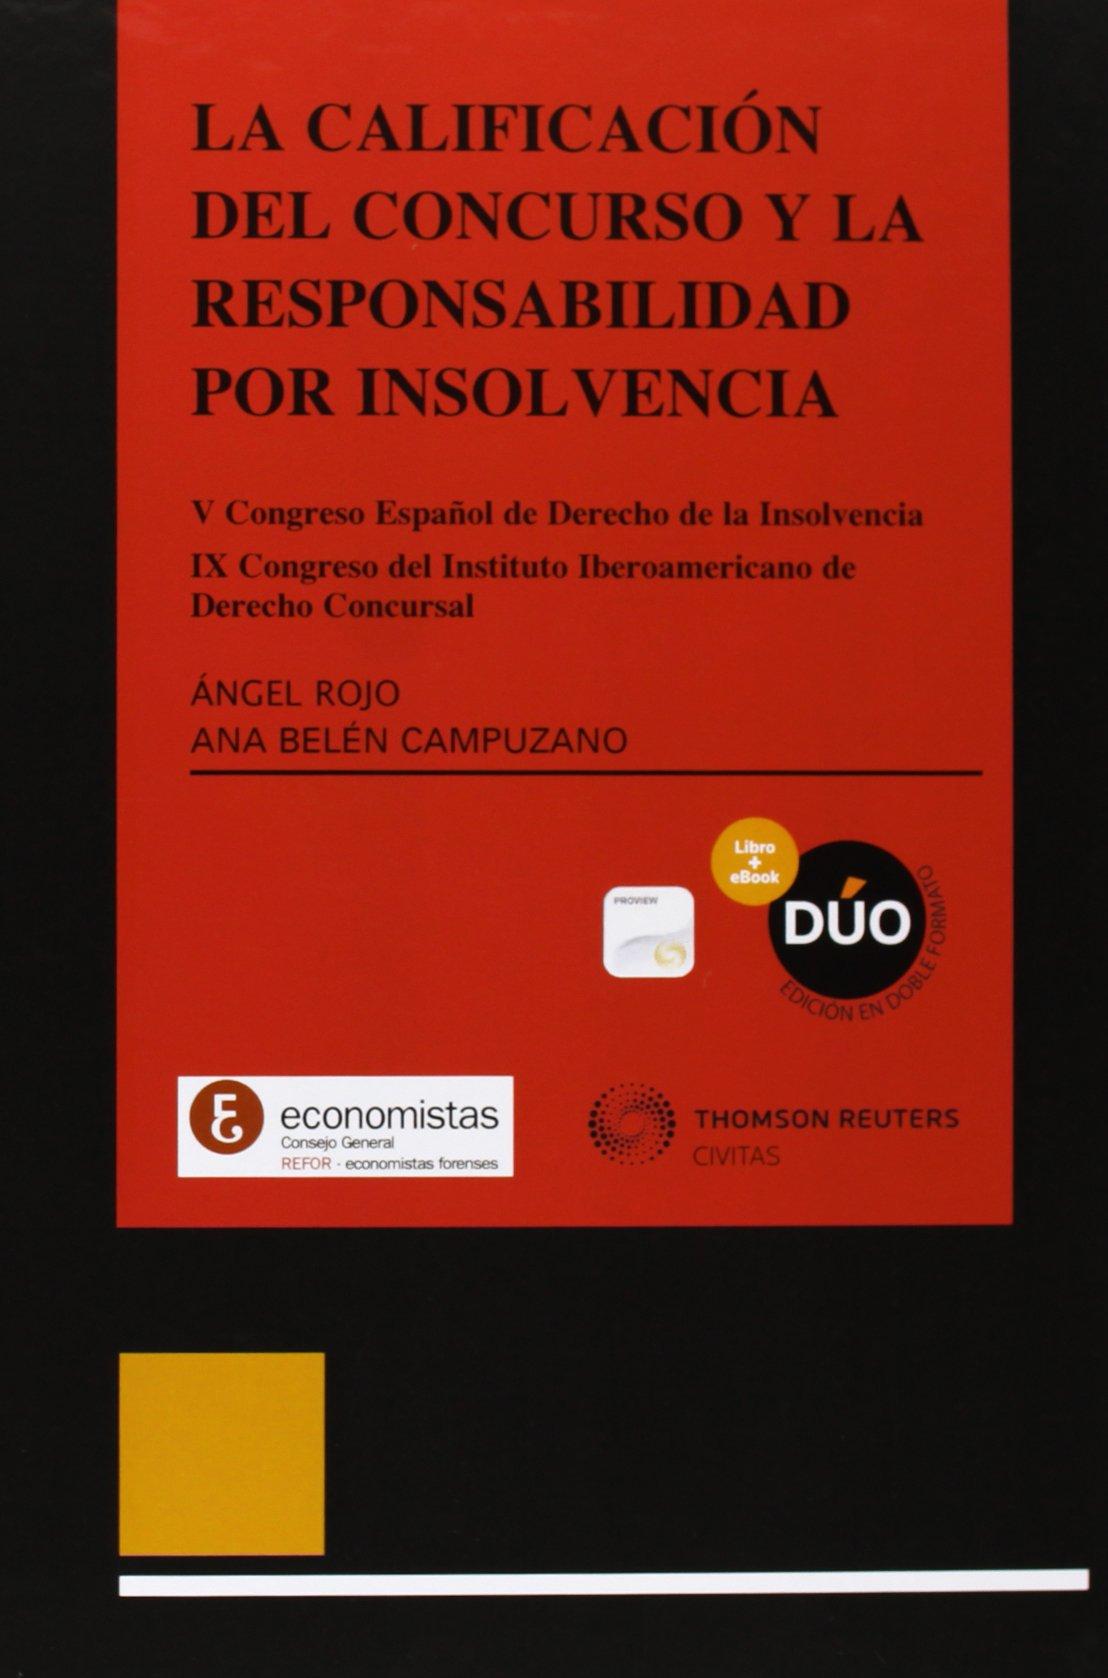 CALIFICACION DEL CONCURSO Y LA RESPONSABILIDAD POR INSOLVENCIA V CONGR PDF Text fb2 ebook